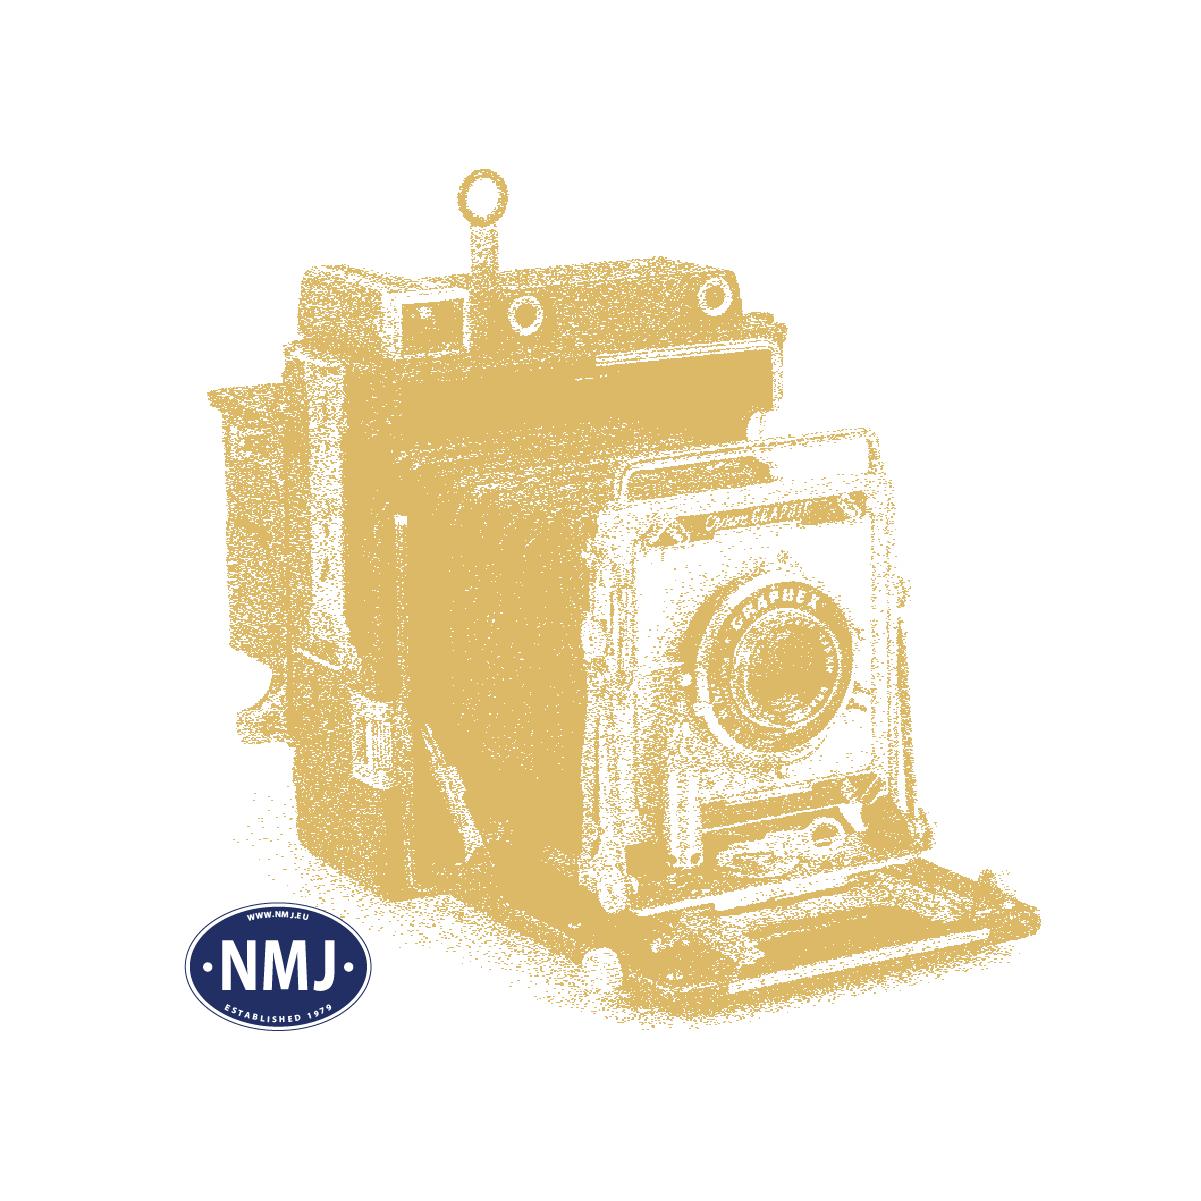 NMJT94005 - NMJ Topline SJ YF1 1325, Oransje, DCC m/ Lyd